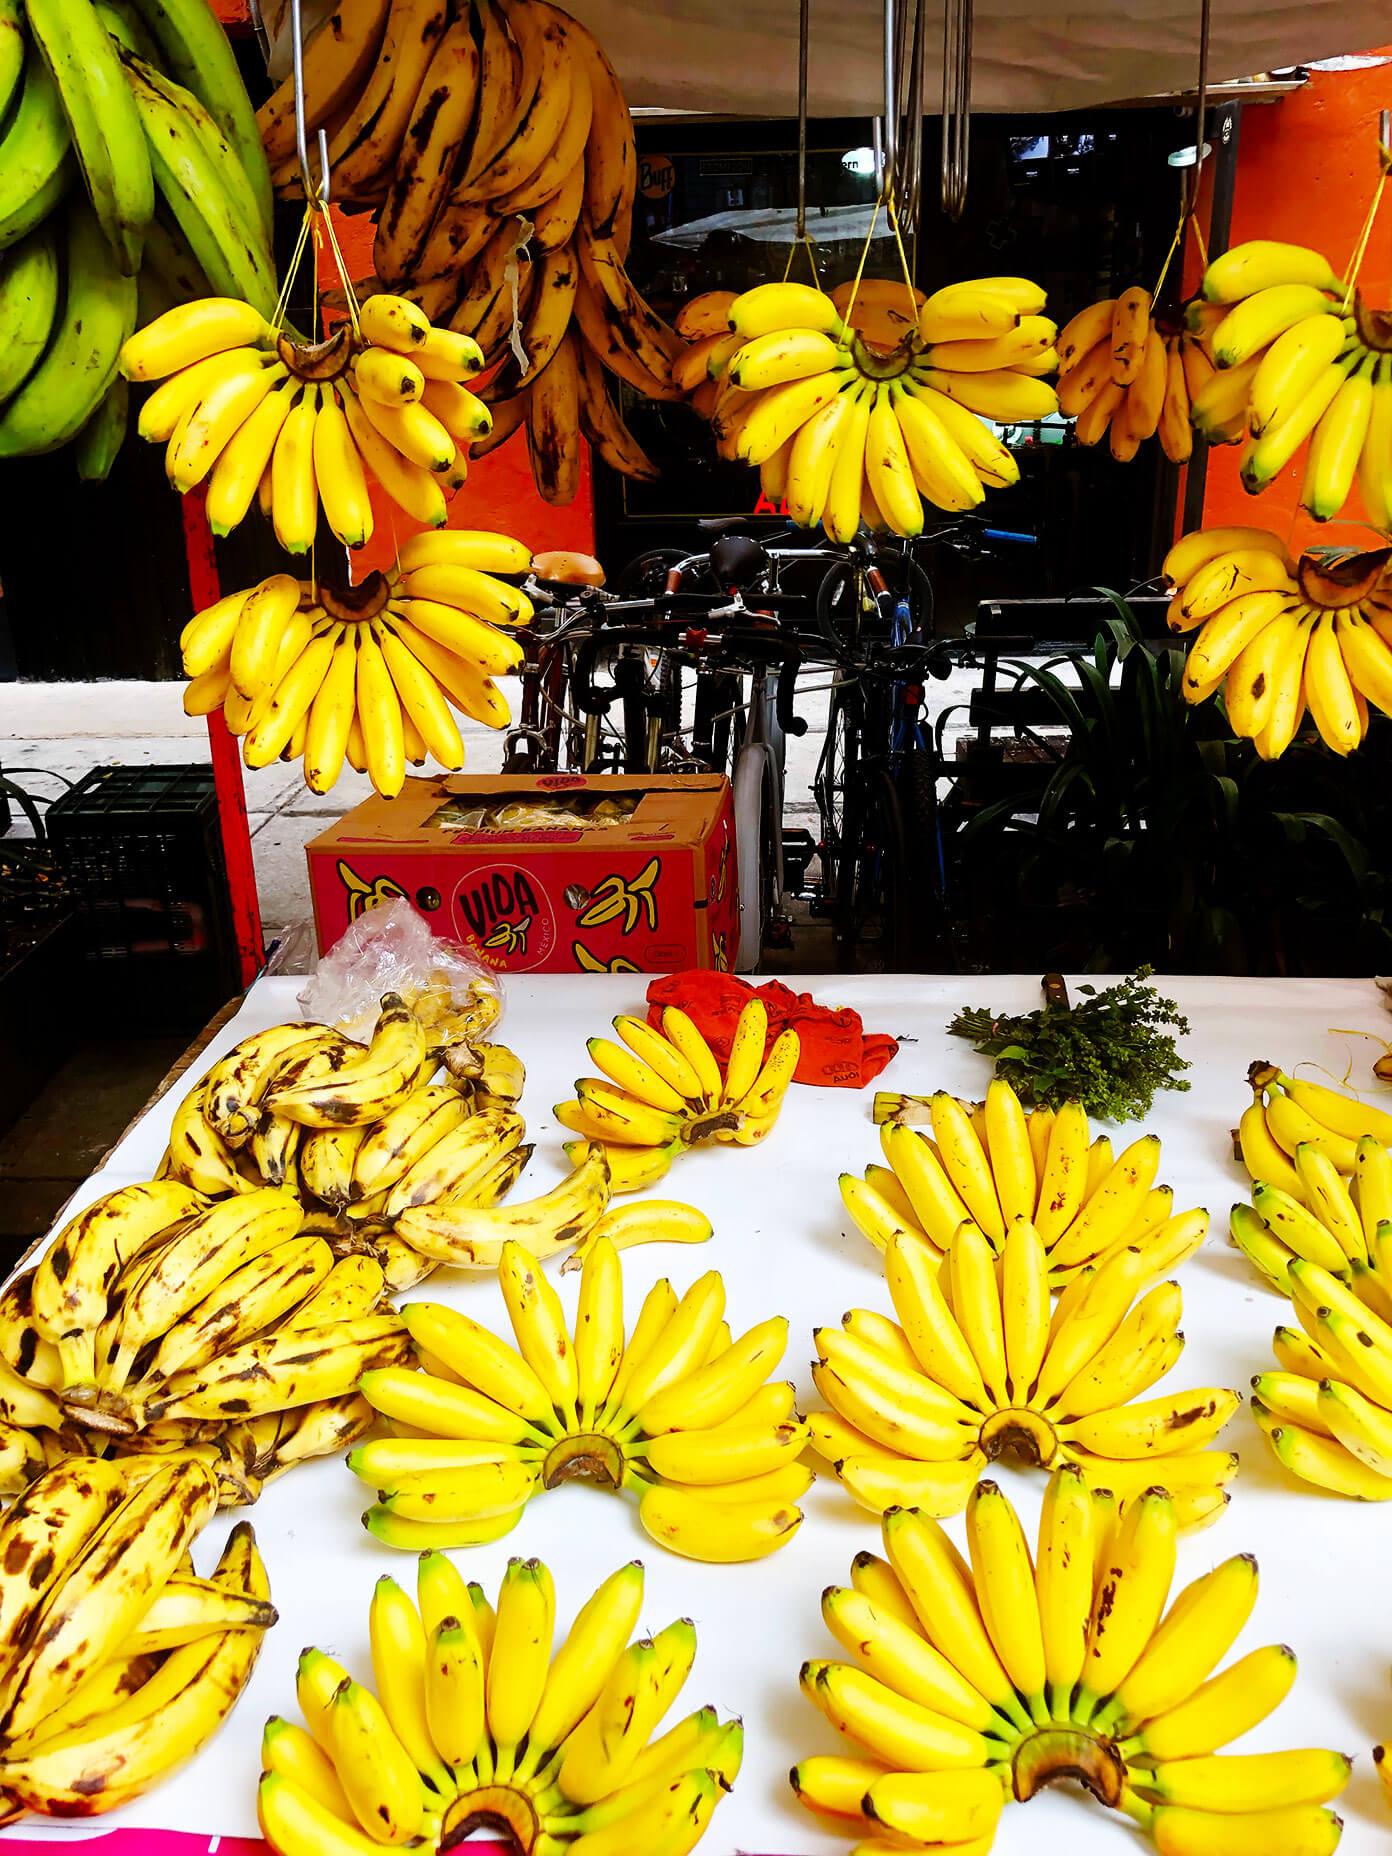 Mexico City Market Bananas